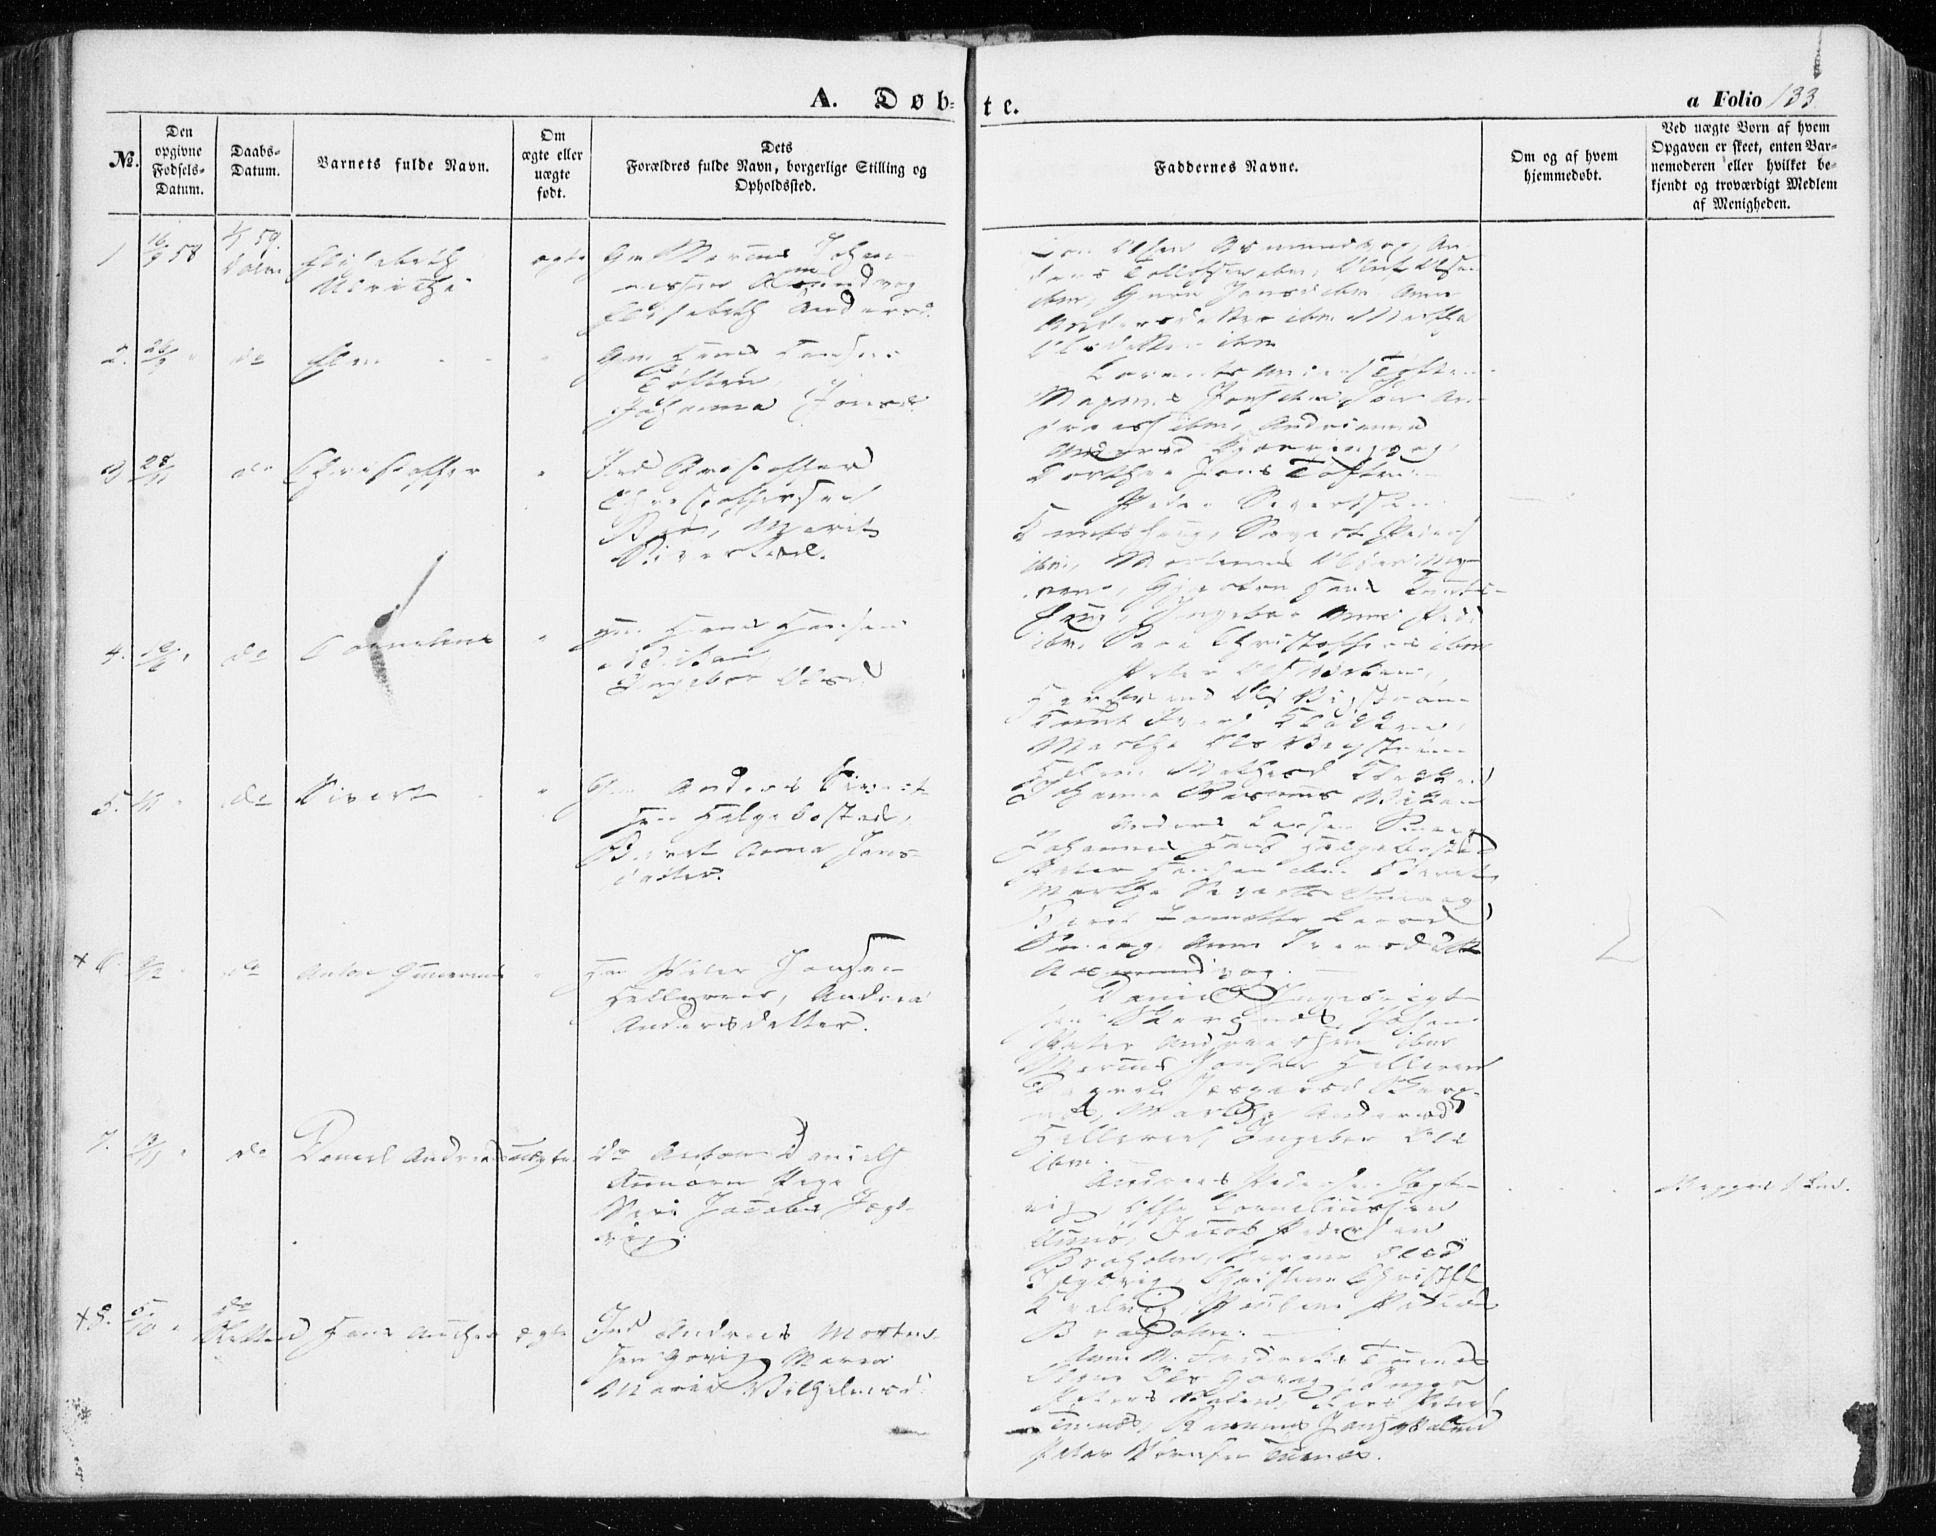 SAT, Ministerialprotokoller, klokkerbøker og fødselsregistre - Sør-Trøndelag, 634/L0530: Ministerialbok nr. 634A06, 1852-1860, s. 133